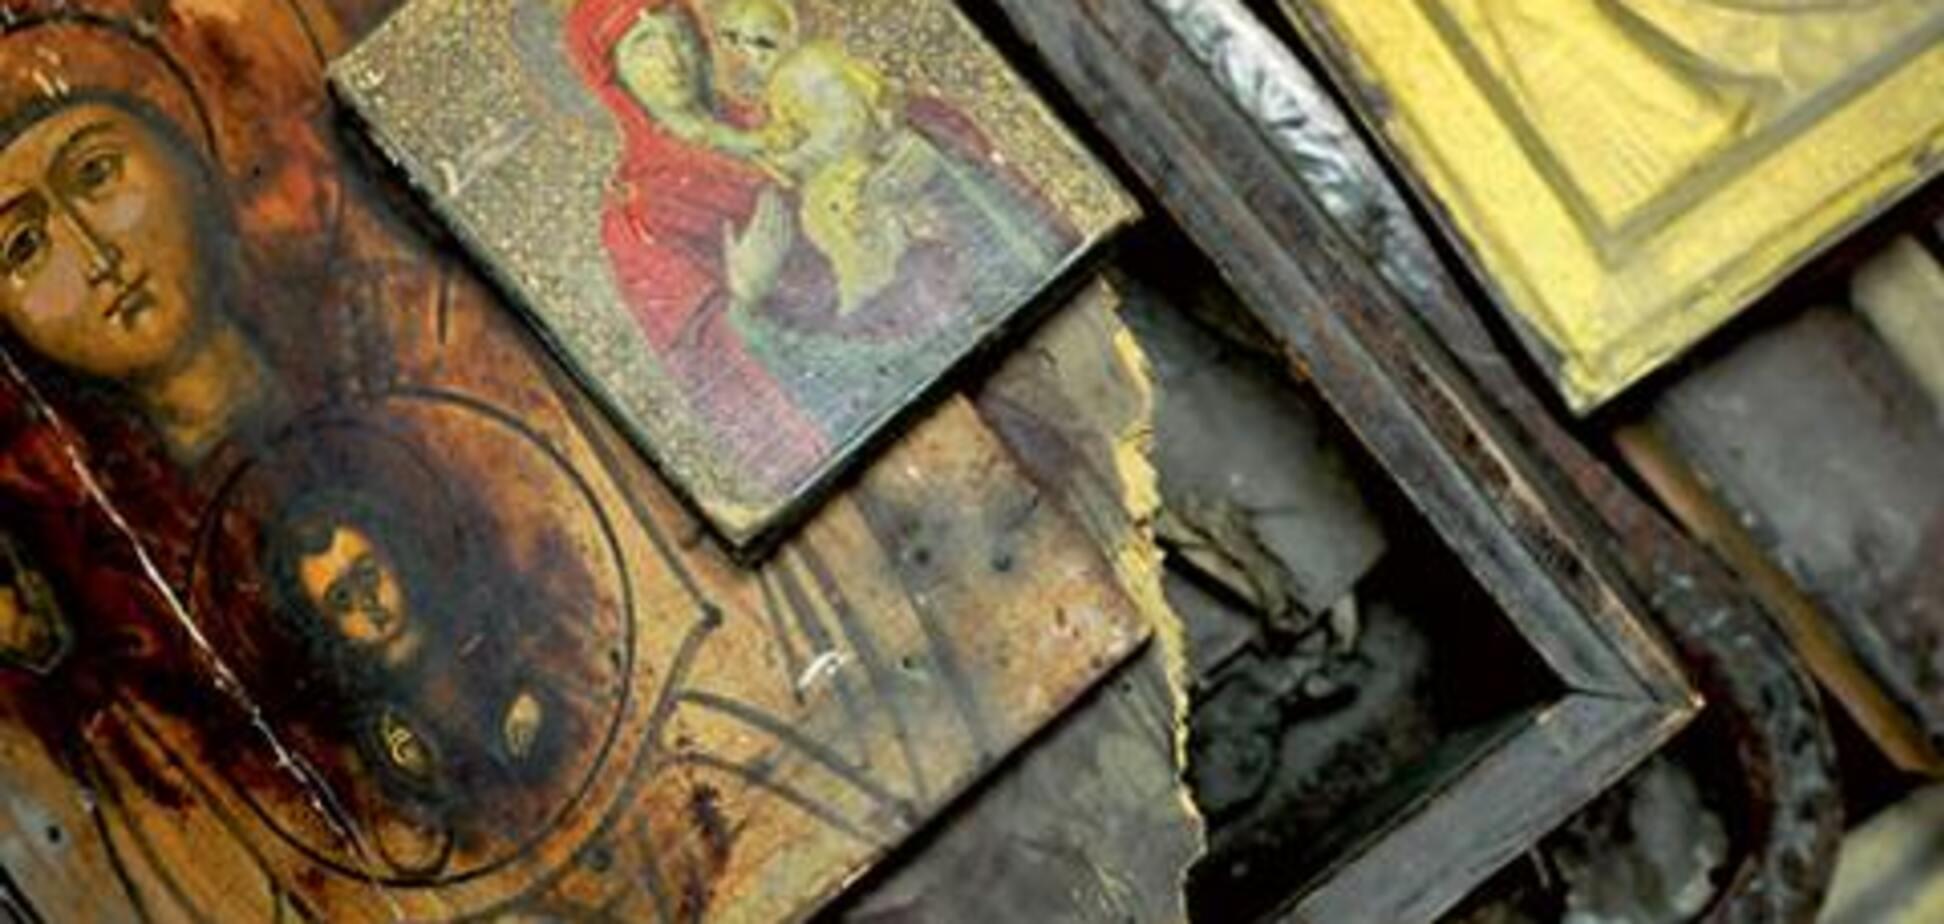 Расследование: Как украсть икону